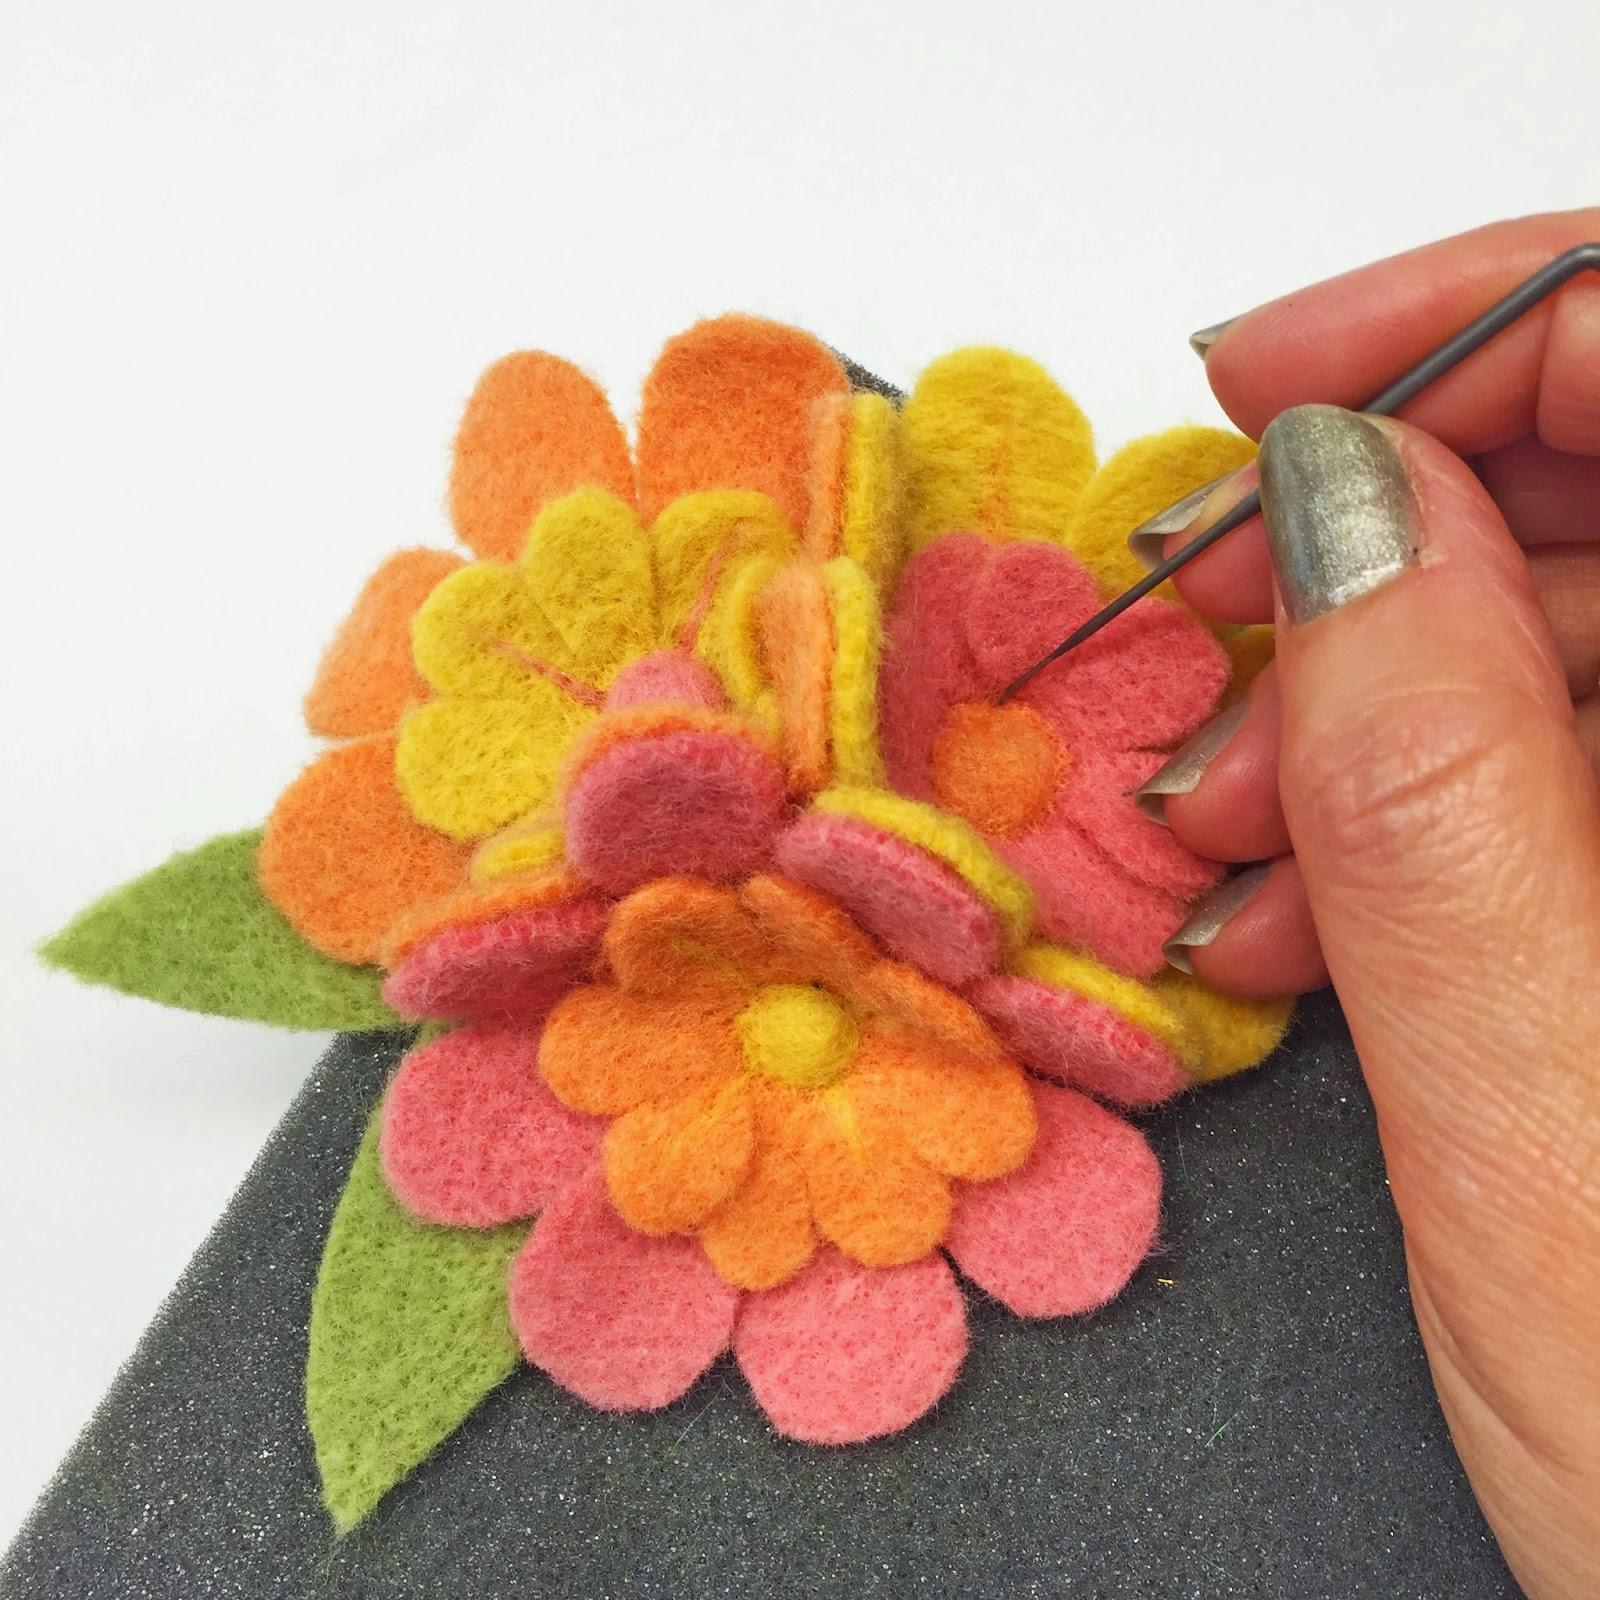 http://www.gilliangladrag.co.uk/c/657/Needle-Felting-Kits